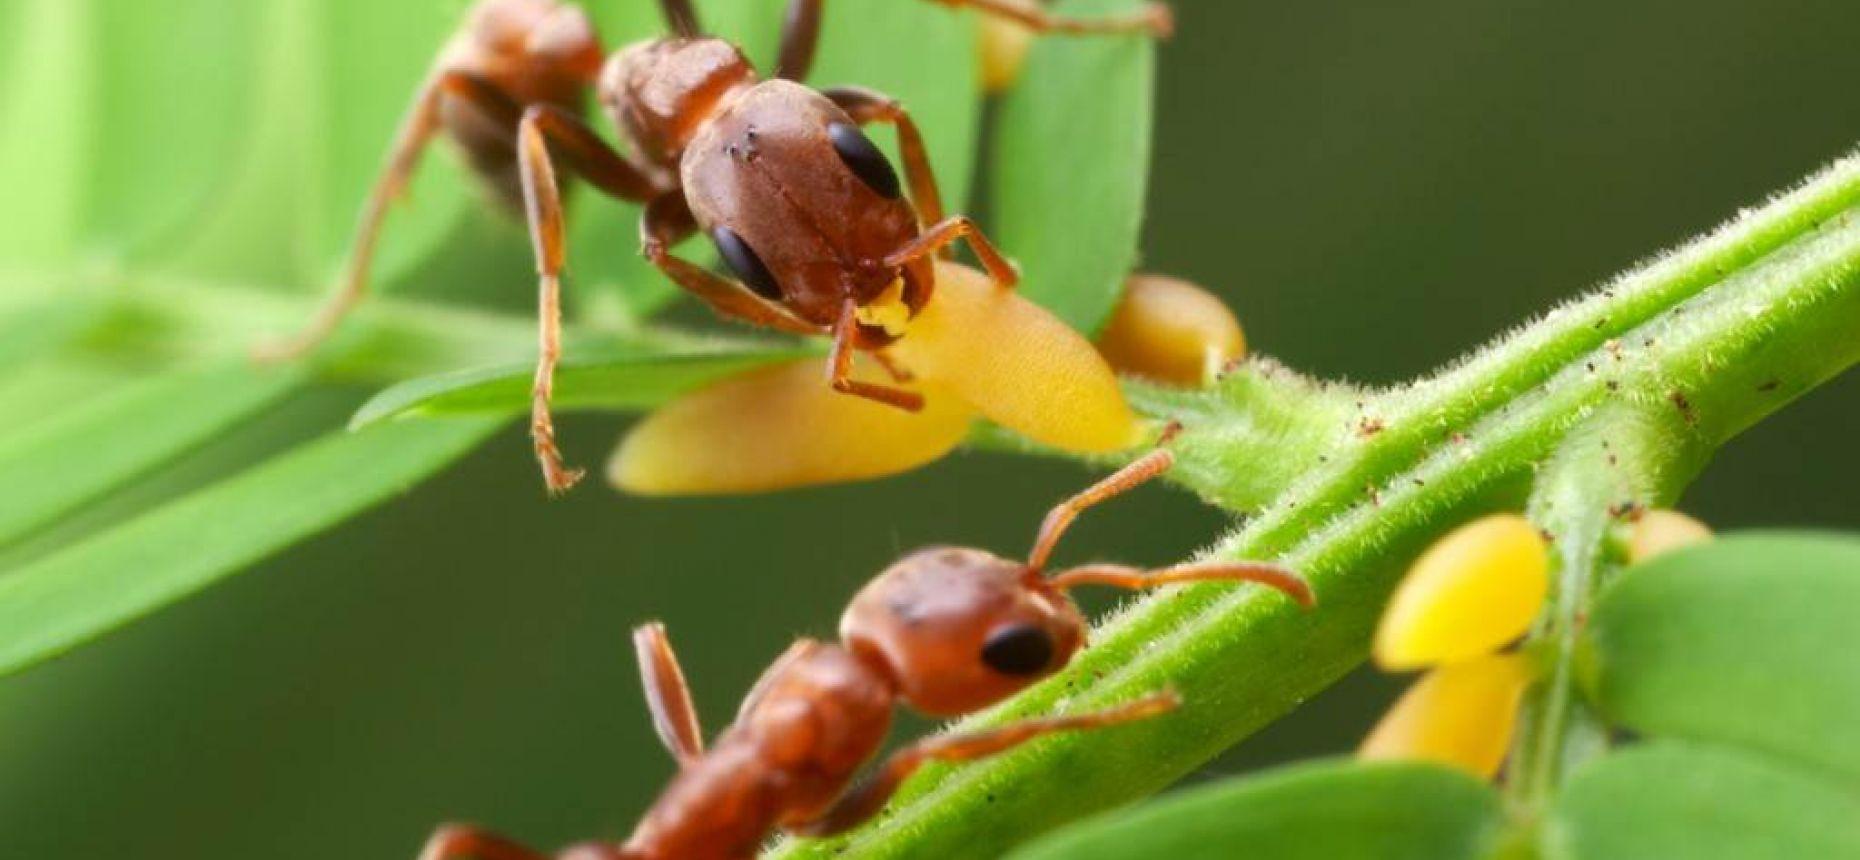 Муравьи образуют симбиоз с растениями